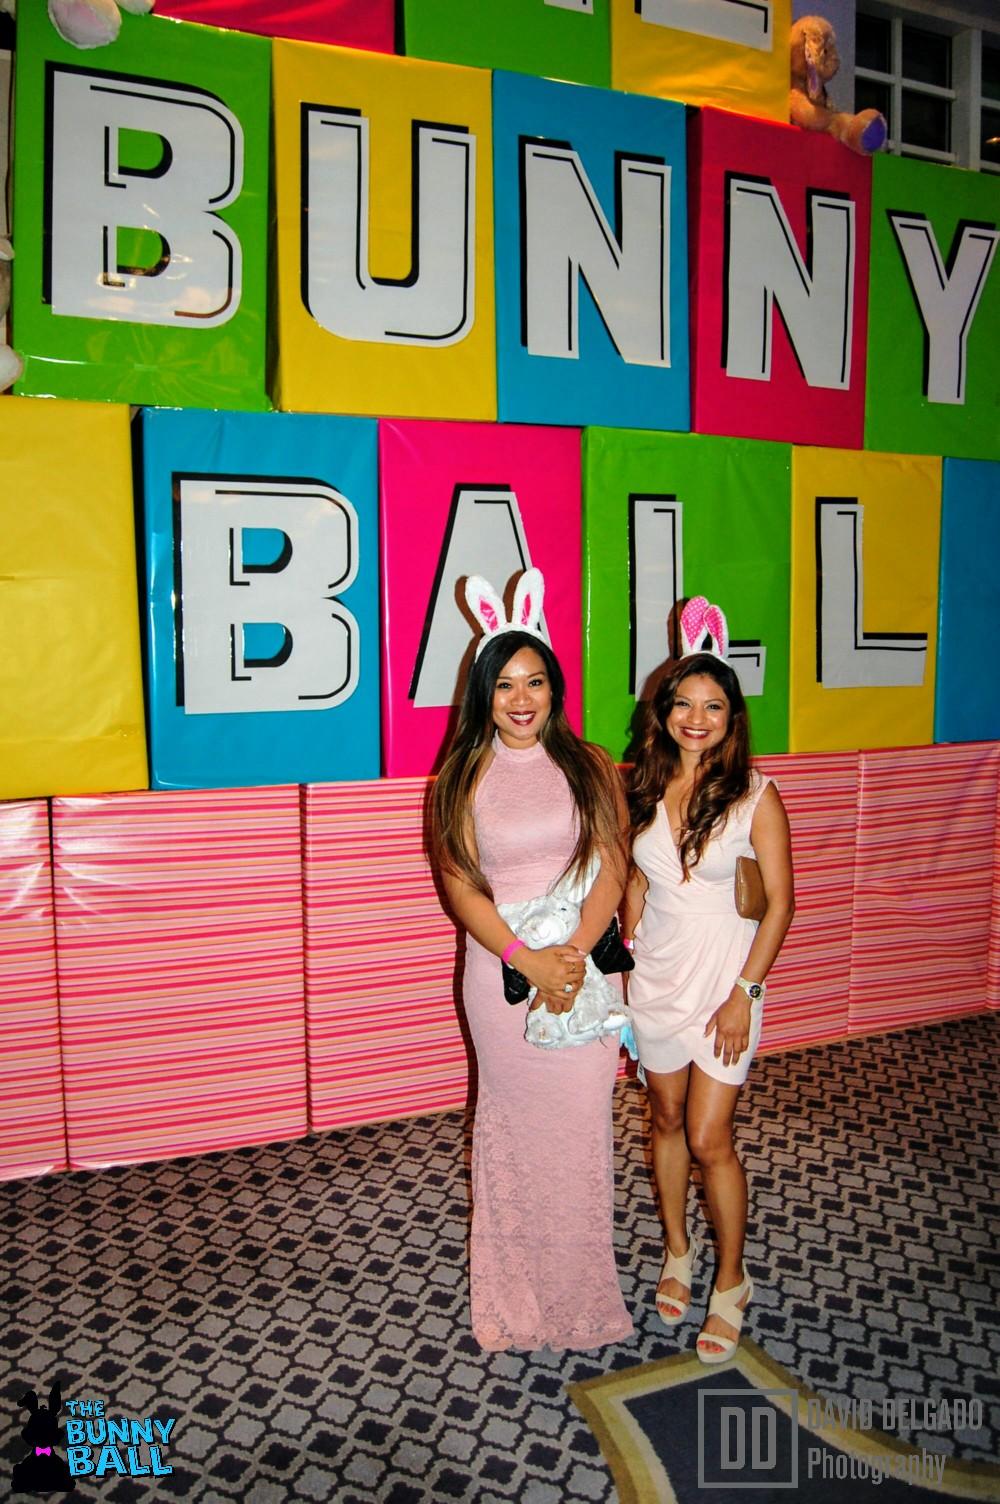 David Delgado Photography Bunny Ball 2017 - 31.jpg